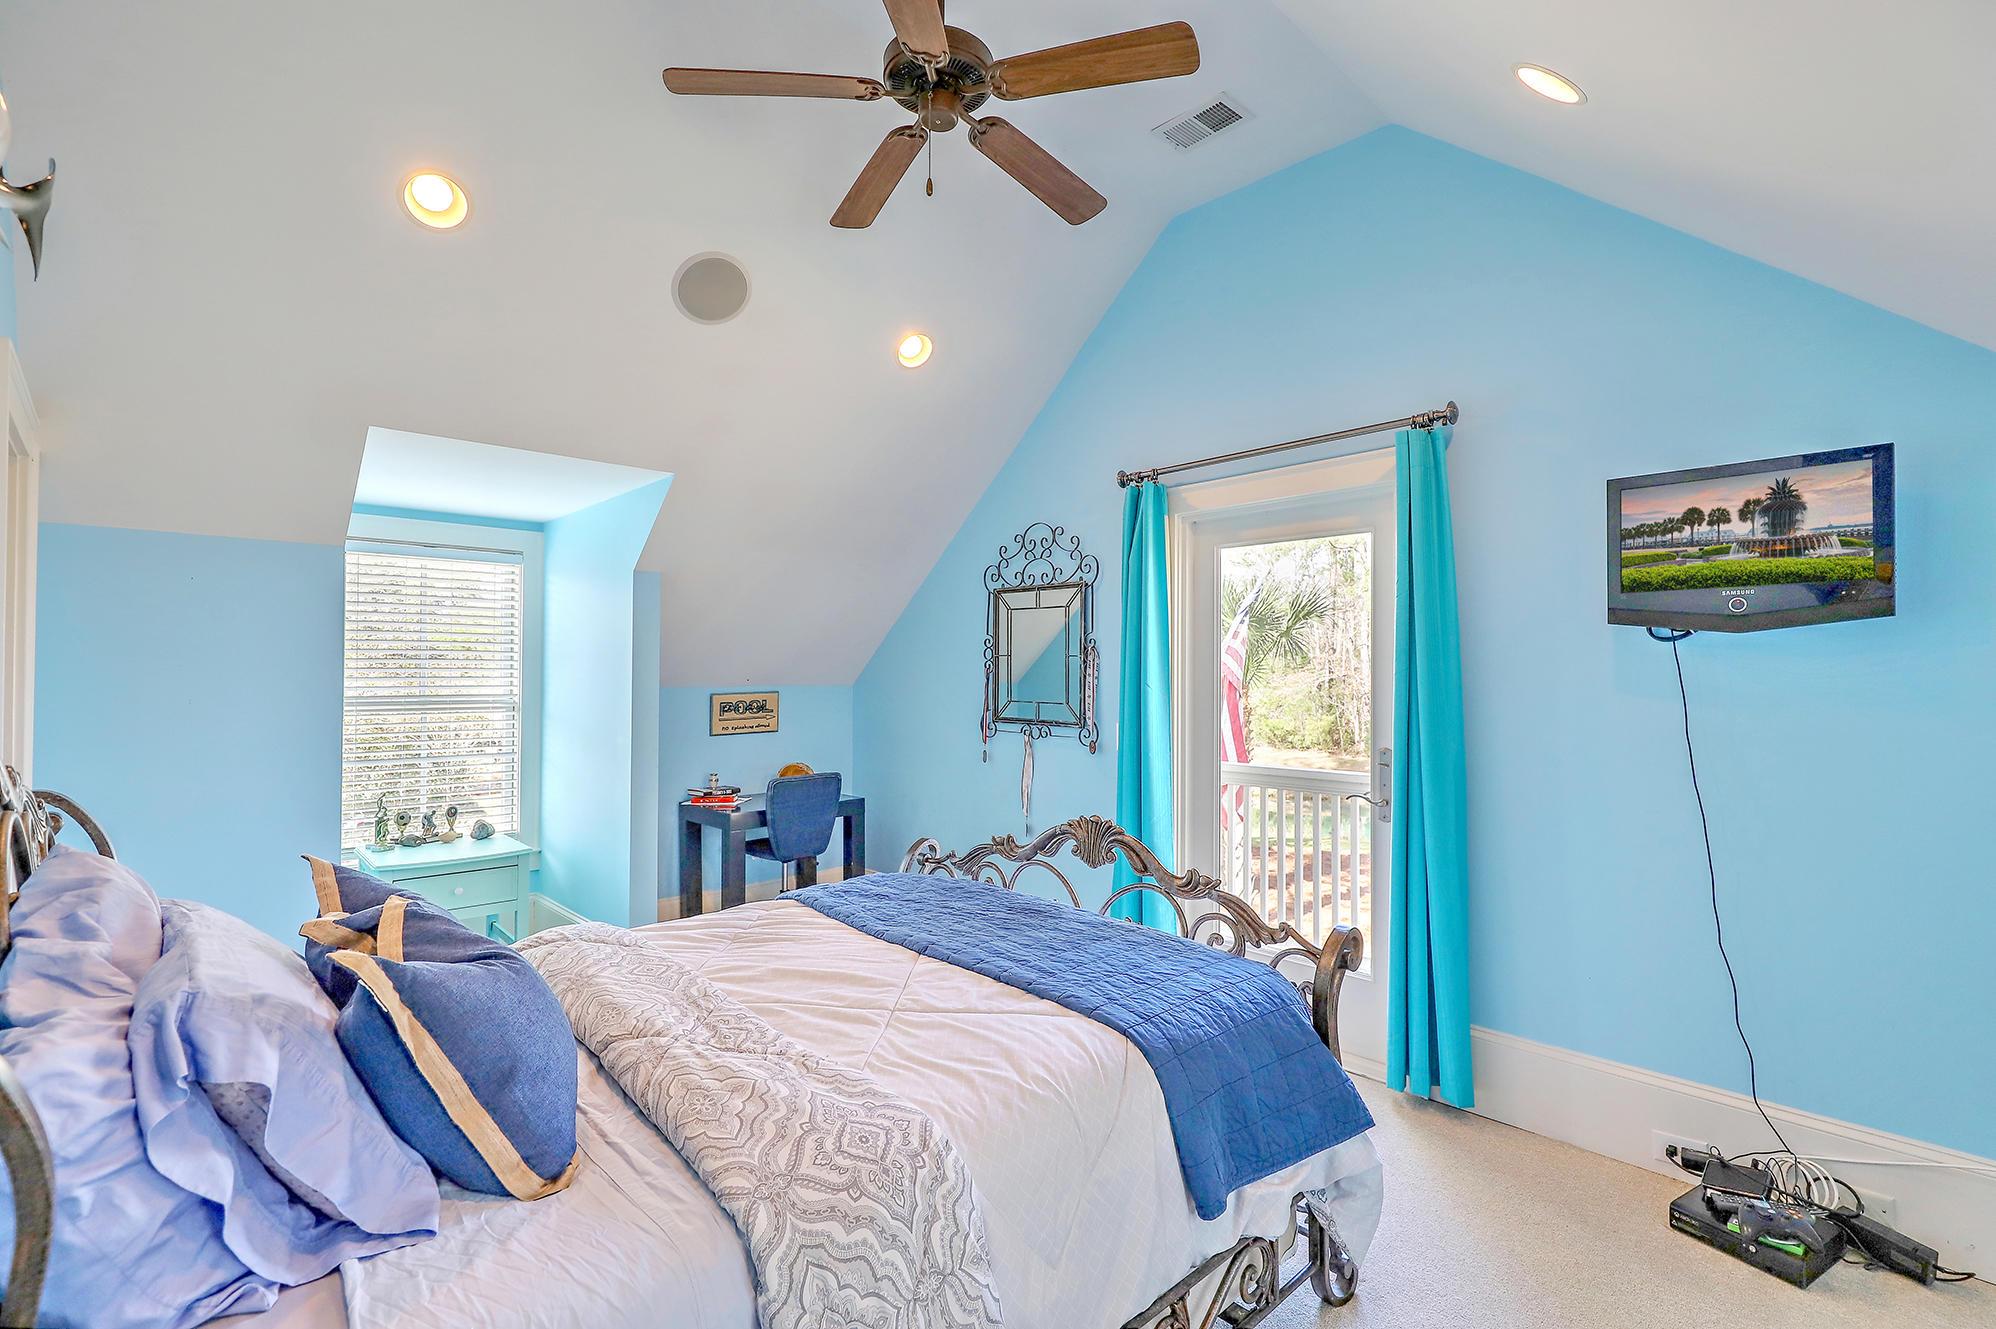 4118 Duck Club Road, Ravenel, 29470, MLS # 19004851 | Handsome Properties